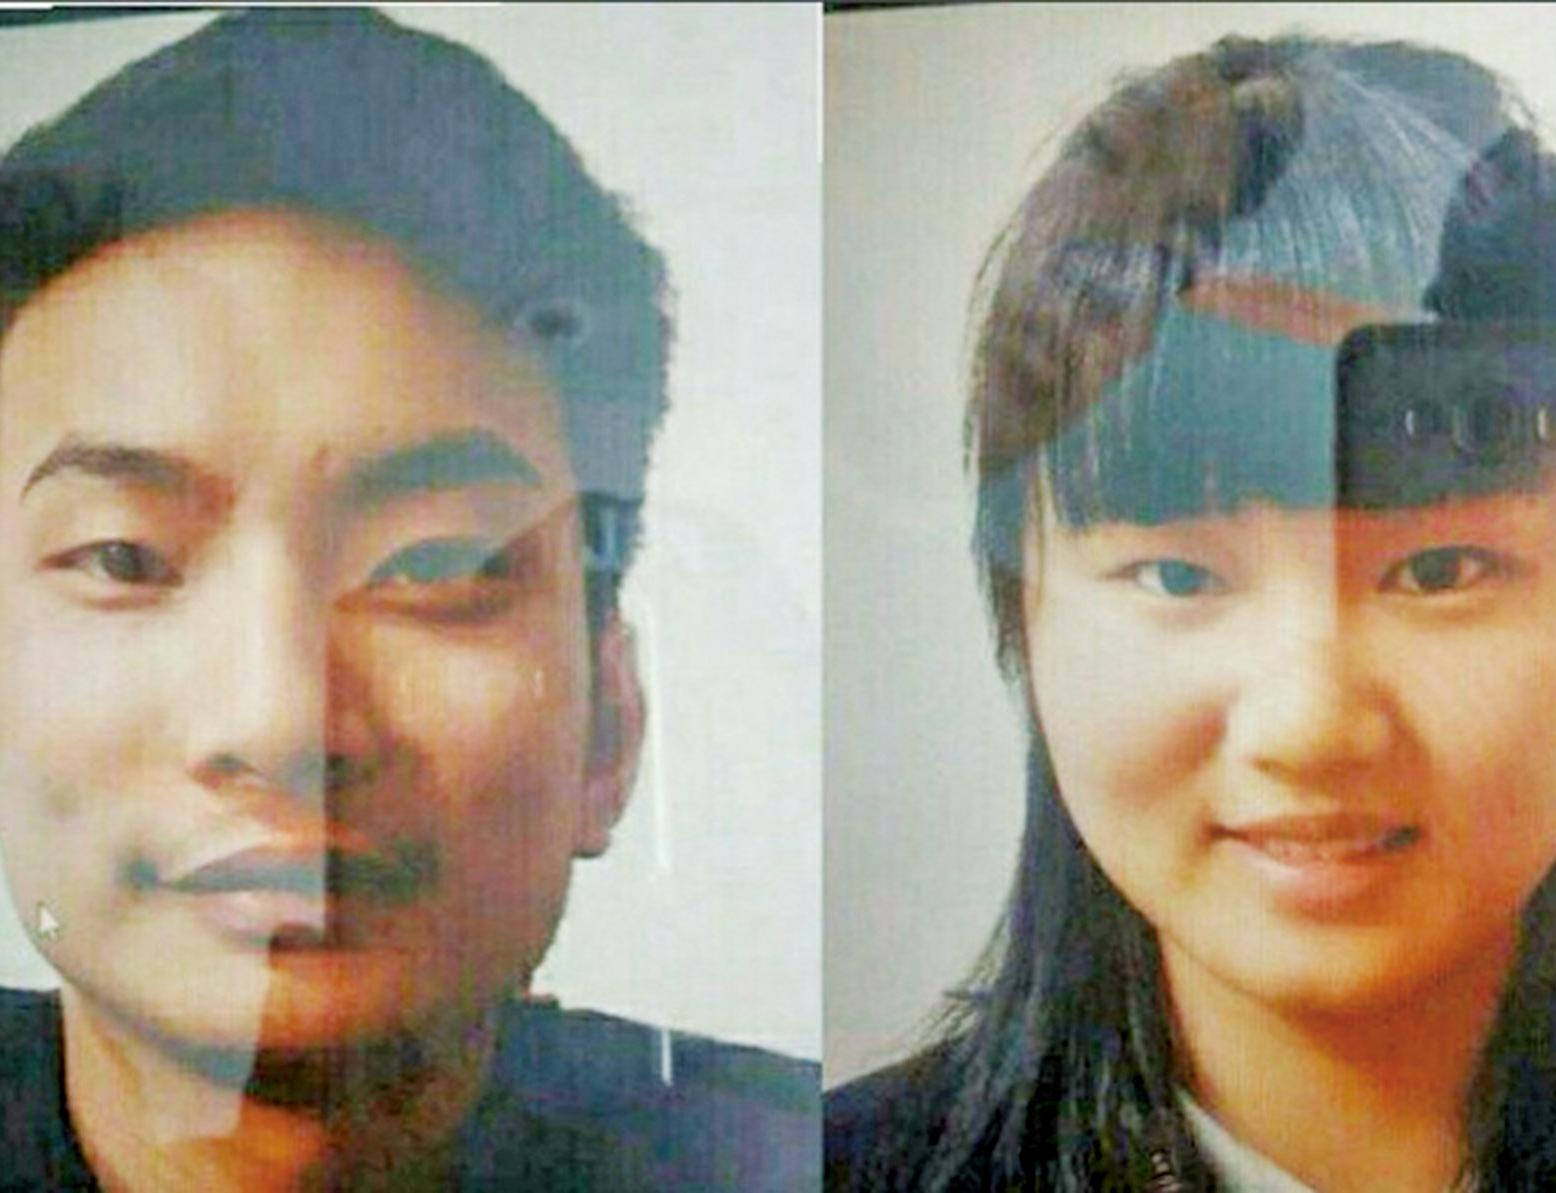 中國夫妻遭武裝分子綁架